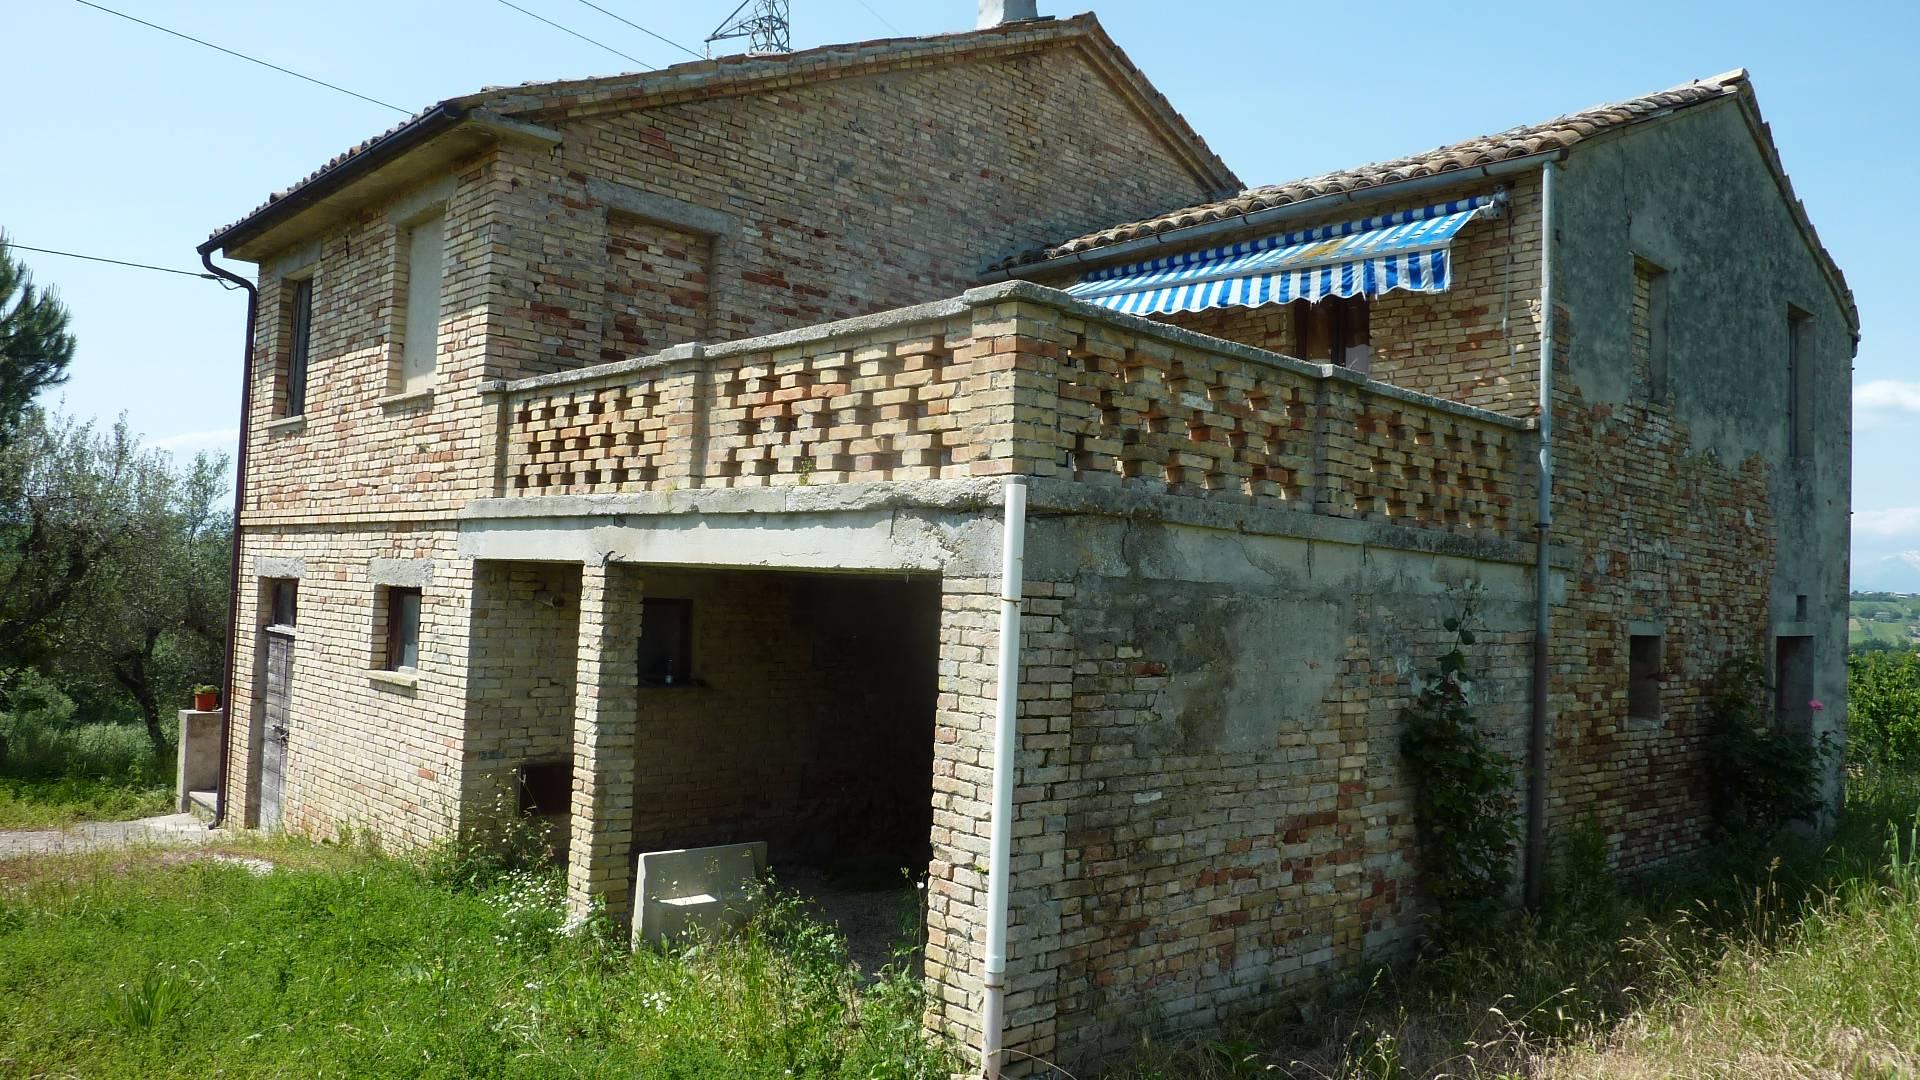 Rustico / Casale in vendita a Monsampolo del Tronto, 10 locali, zona Zona: Monsampolo, prezzo € 145.000 | Cambio Casa.it